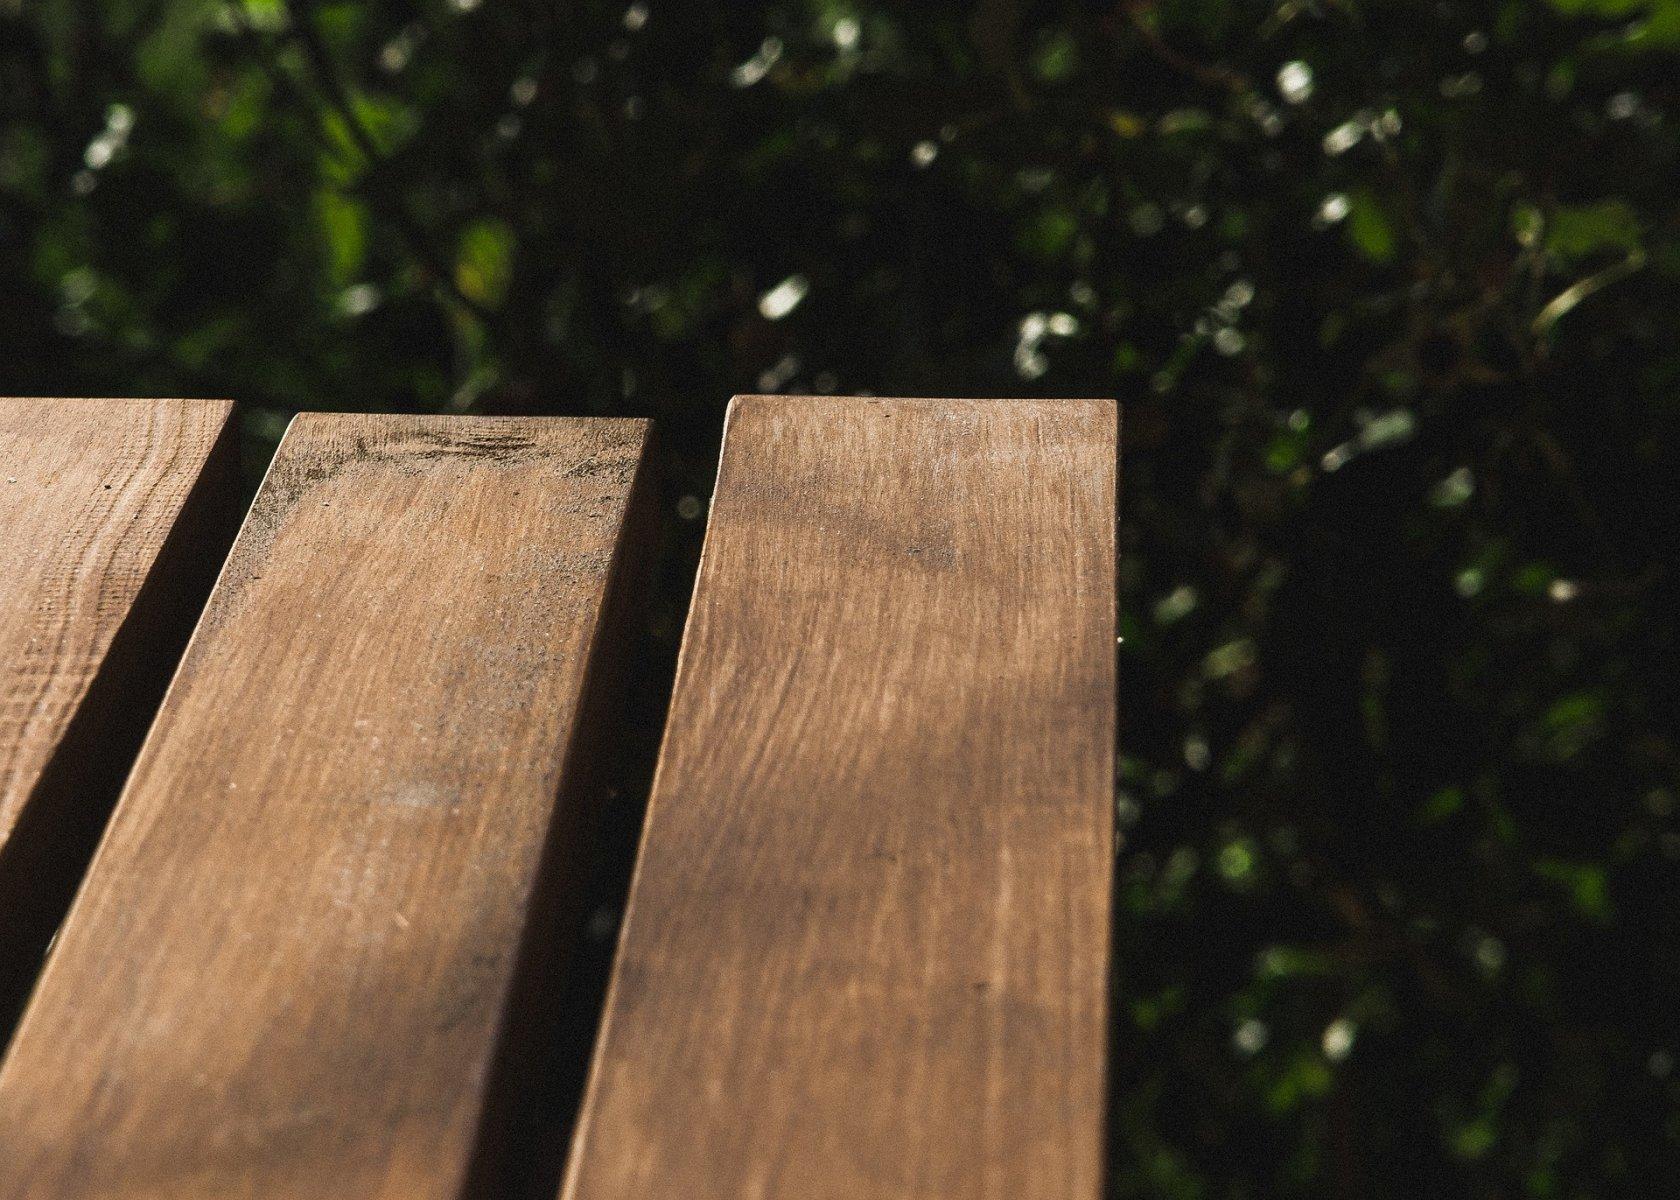 Astonis vernis pour carrelage sol carrelage escalier for Porcelanosa carrelage exterieur